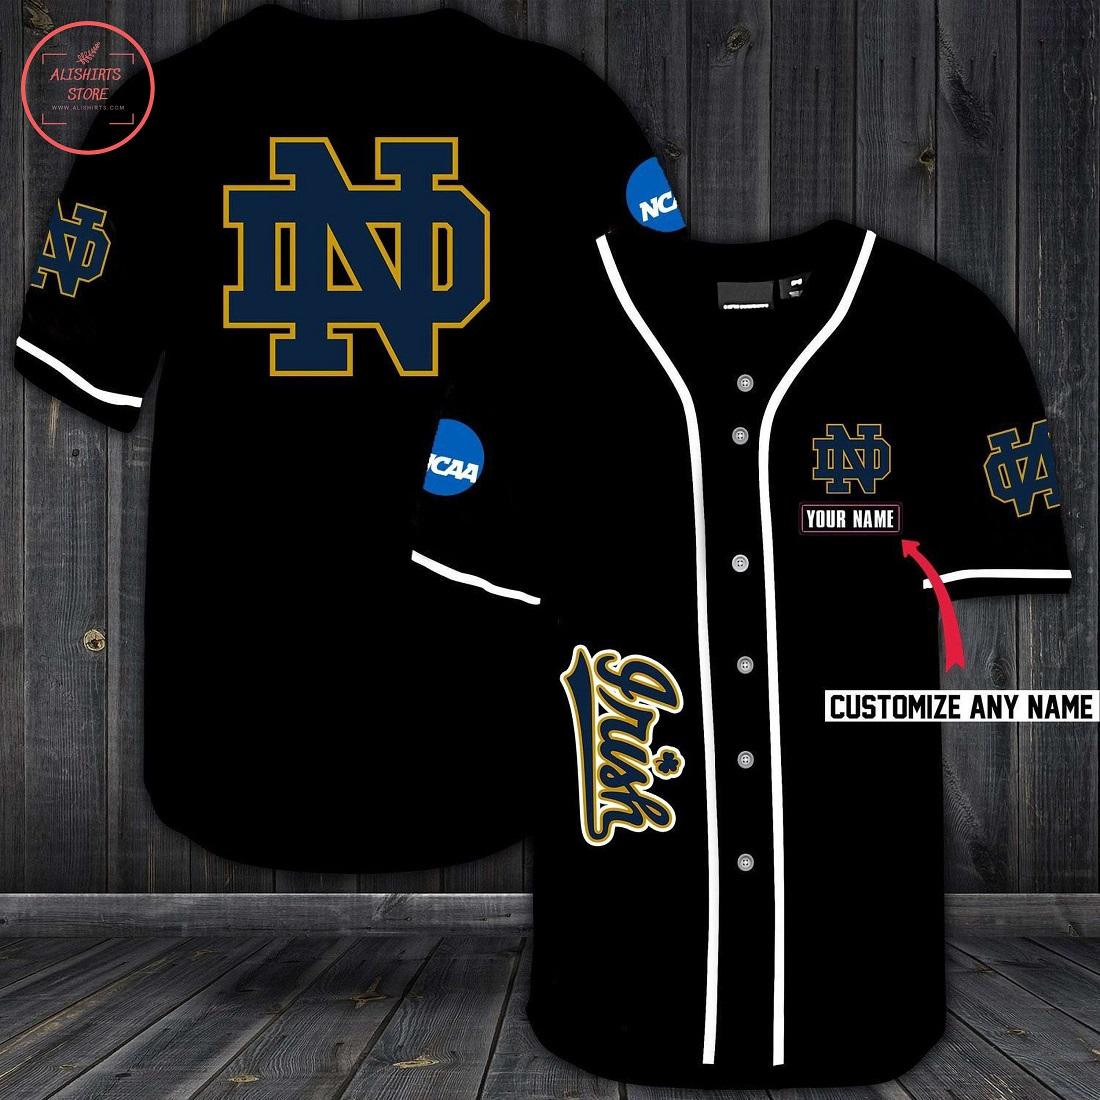 Notre Dame Fighting Irish Personalized Baseball Jersey